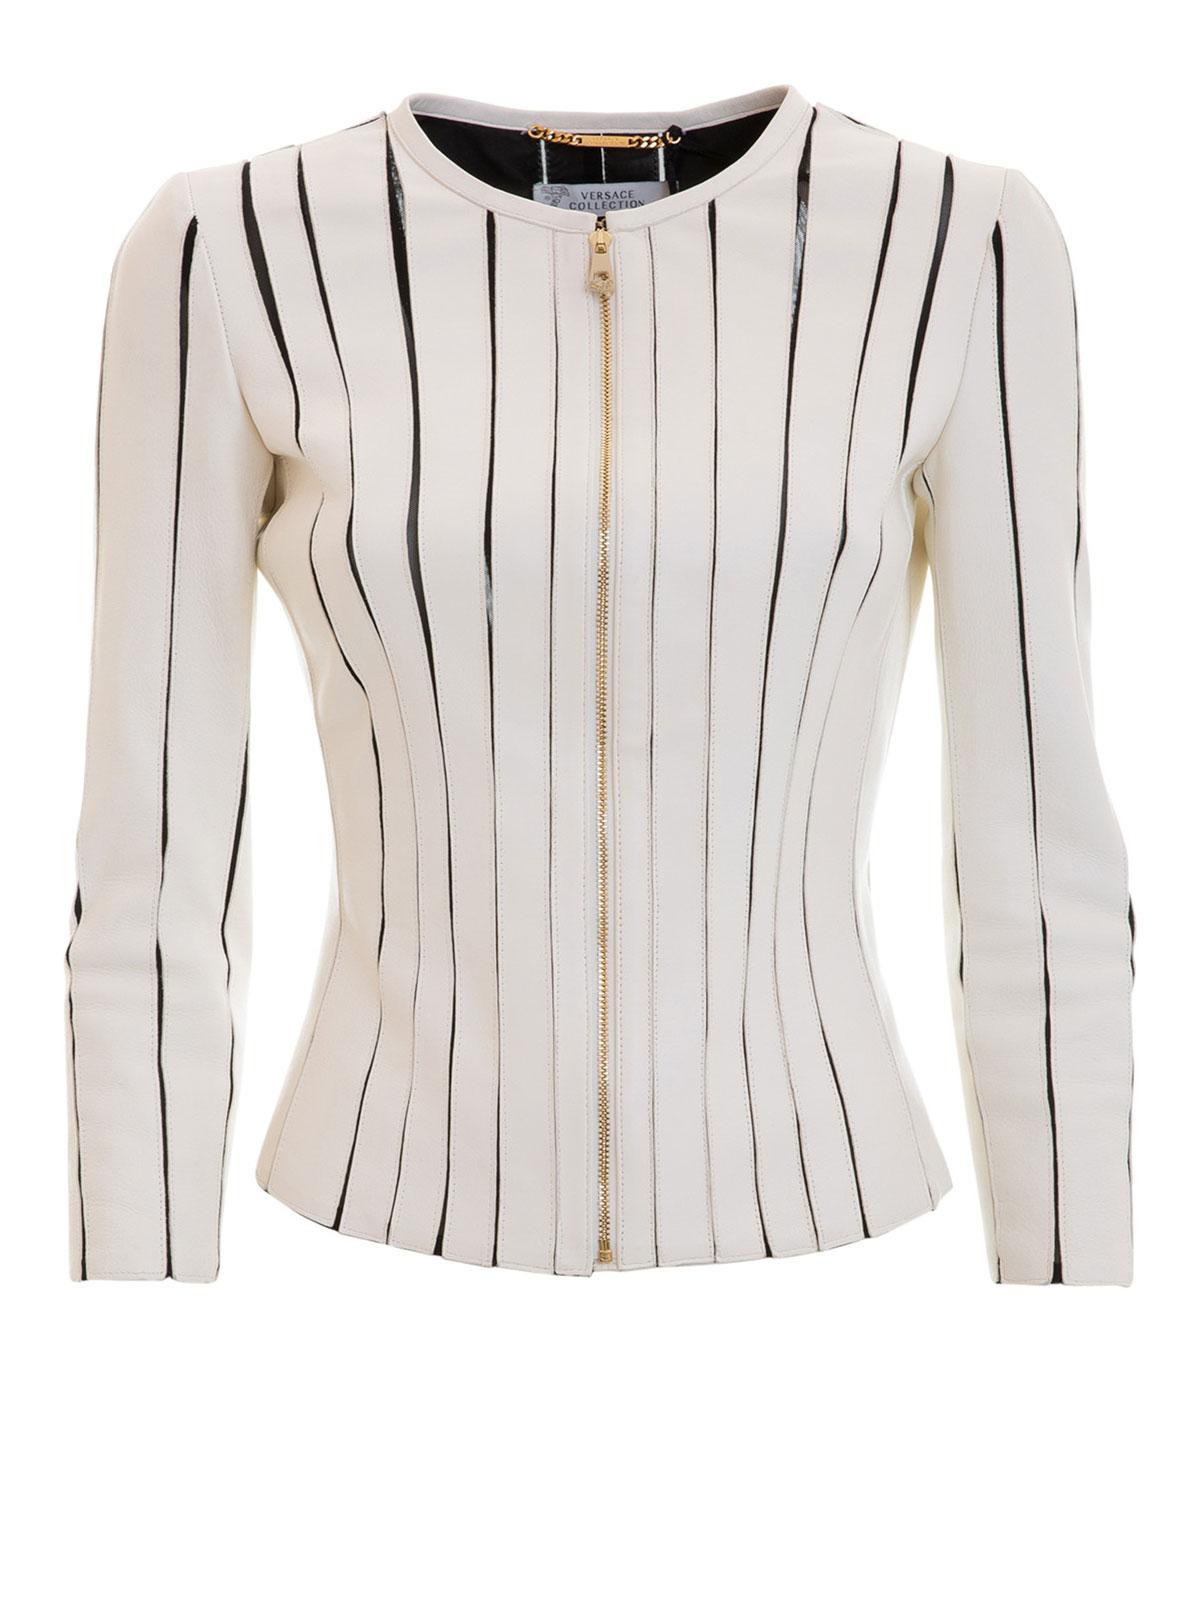 Versace Collection - Manteau En Cuir Blanc Pour Femme - Vestes en ... 5fcc42c3820